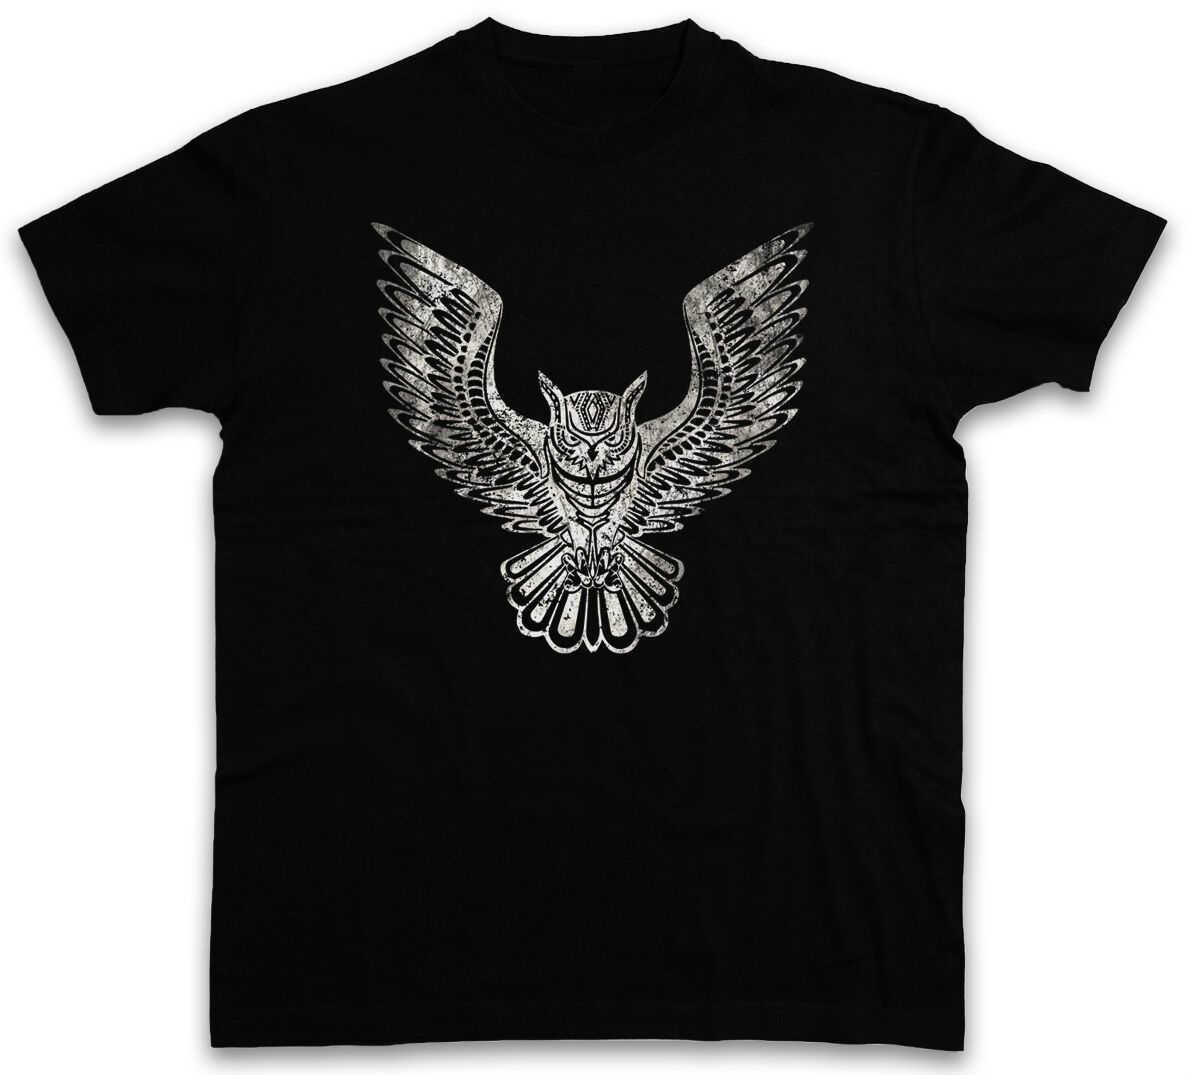 Keren Burung Hantu Grafis Tshirt Kartun Lucu Hipster Electro Tato Burung Pin Up Fashion Pria Tshirt